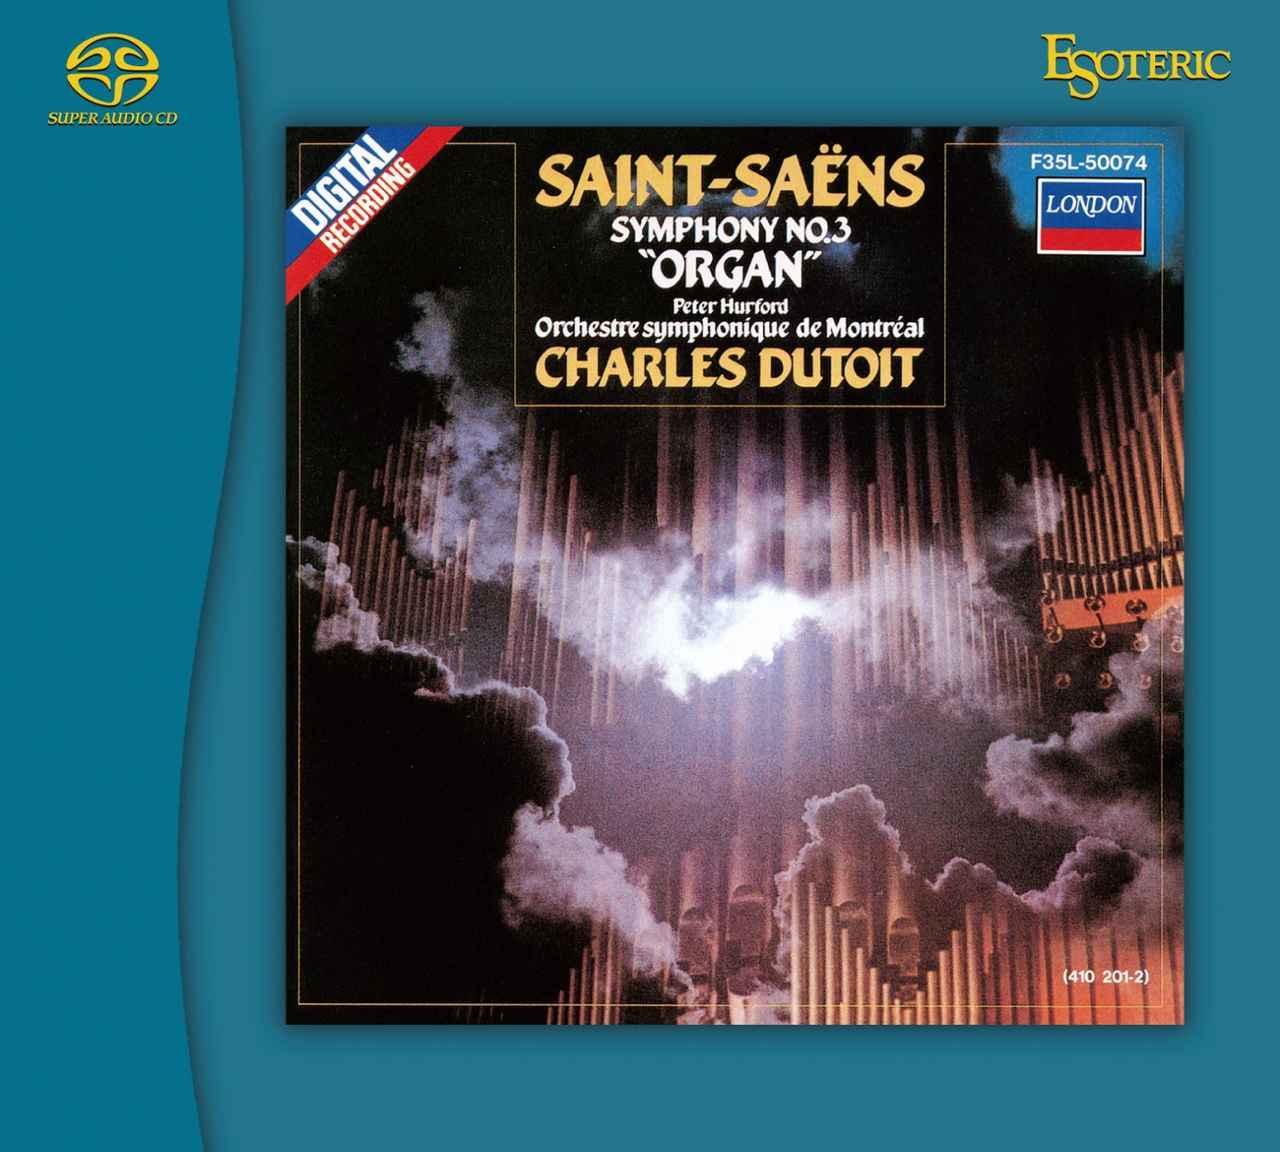 画像: サン=サーンス:交響曲第3番《オルガン付》&ビゼー:交響曲ハ長調